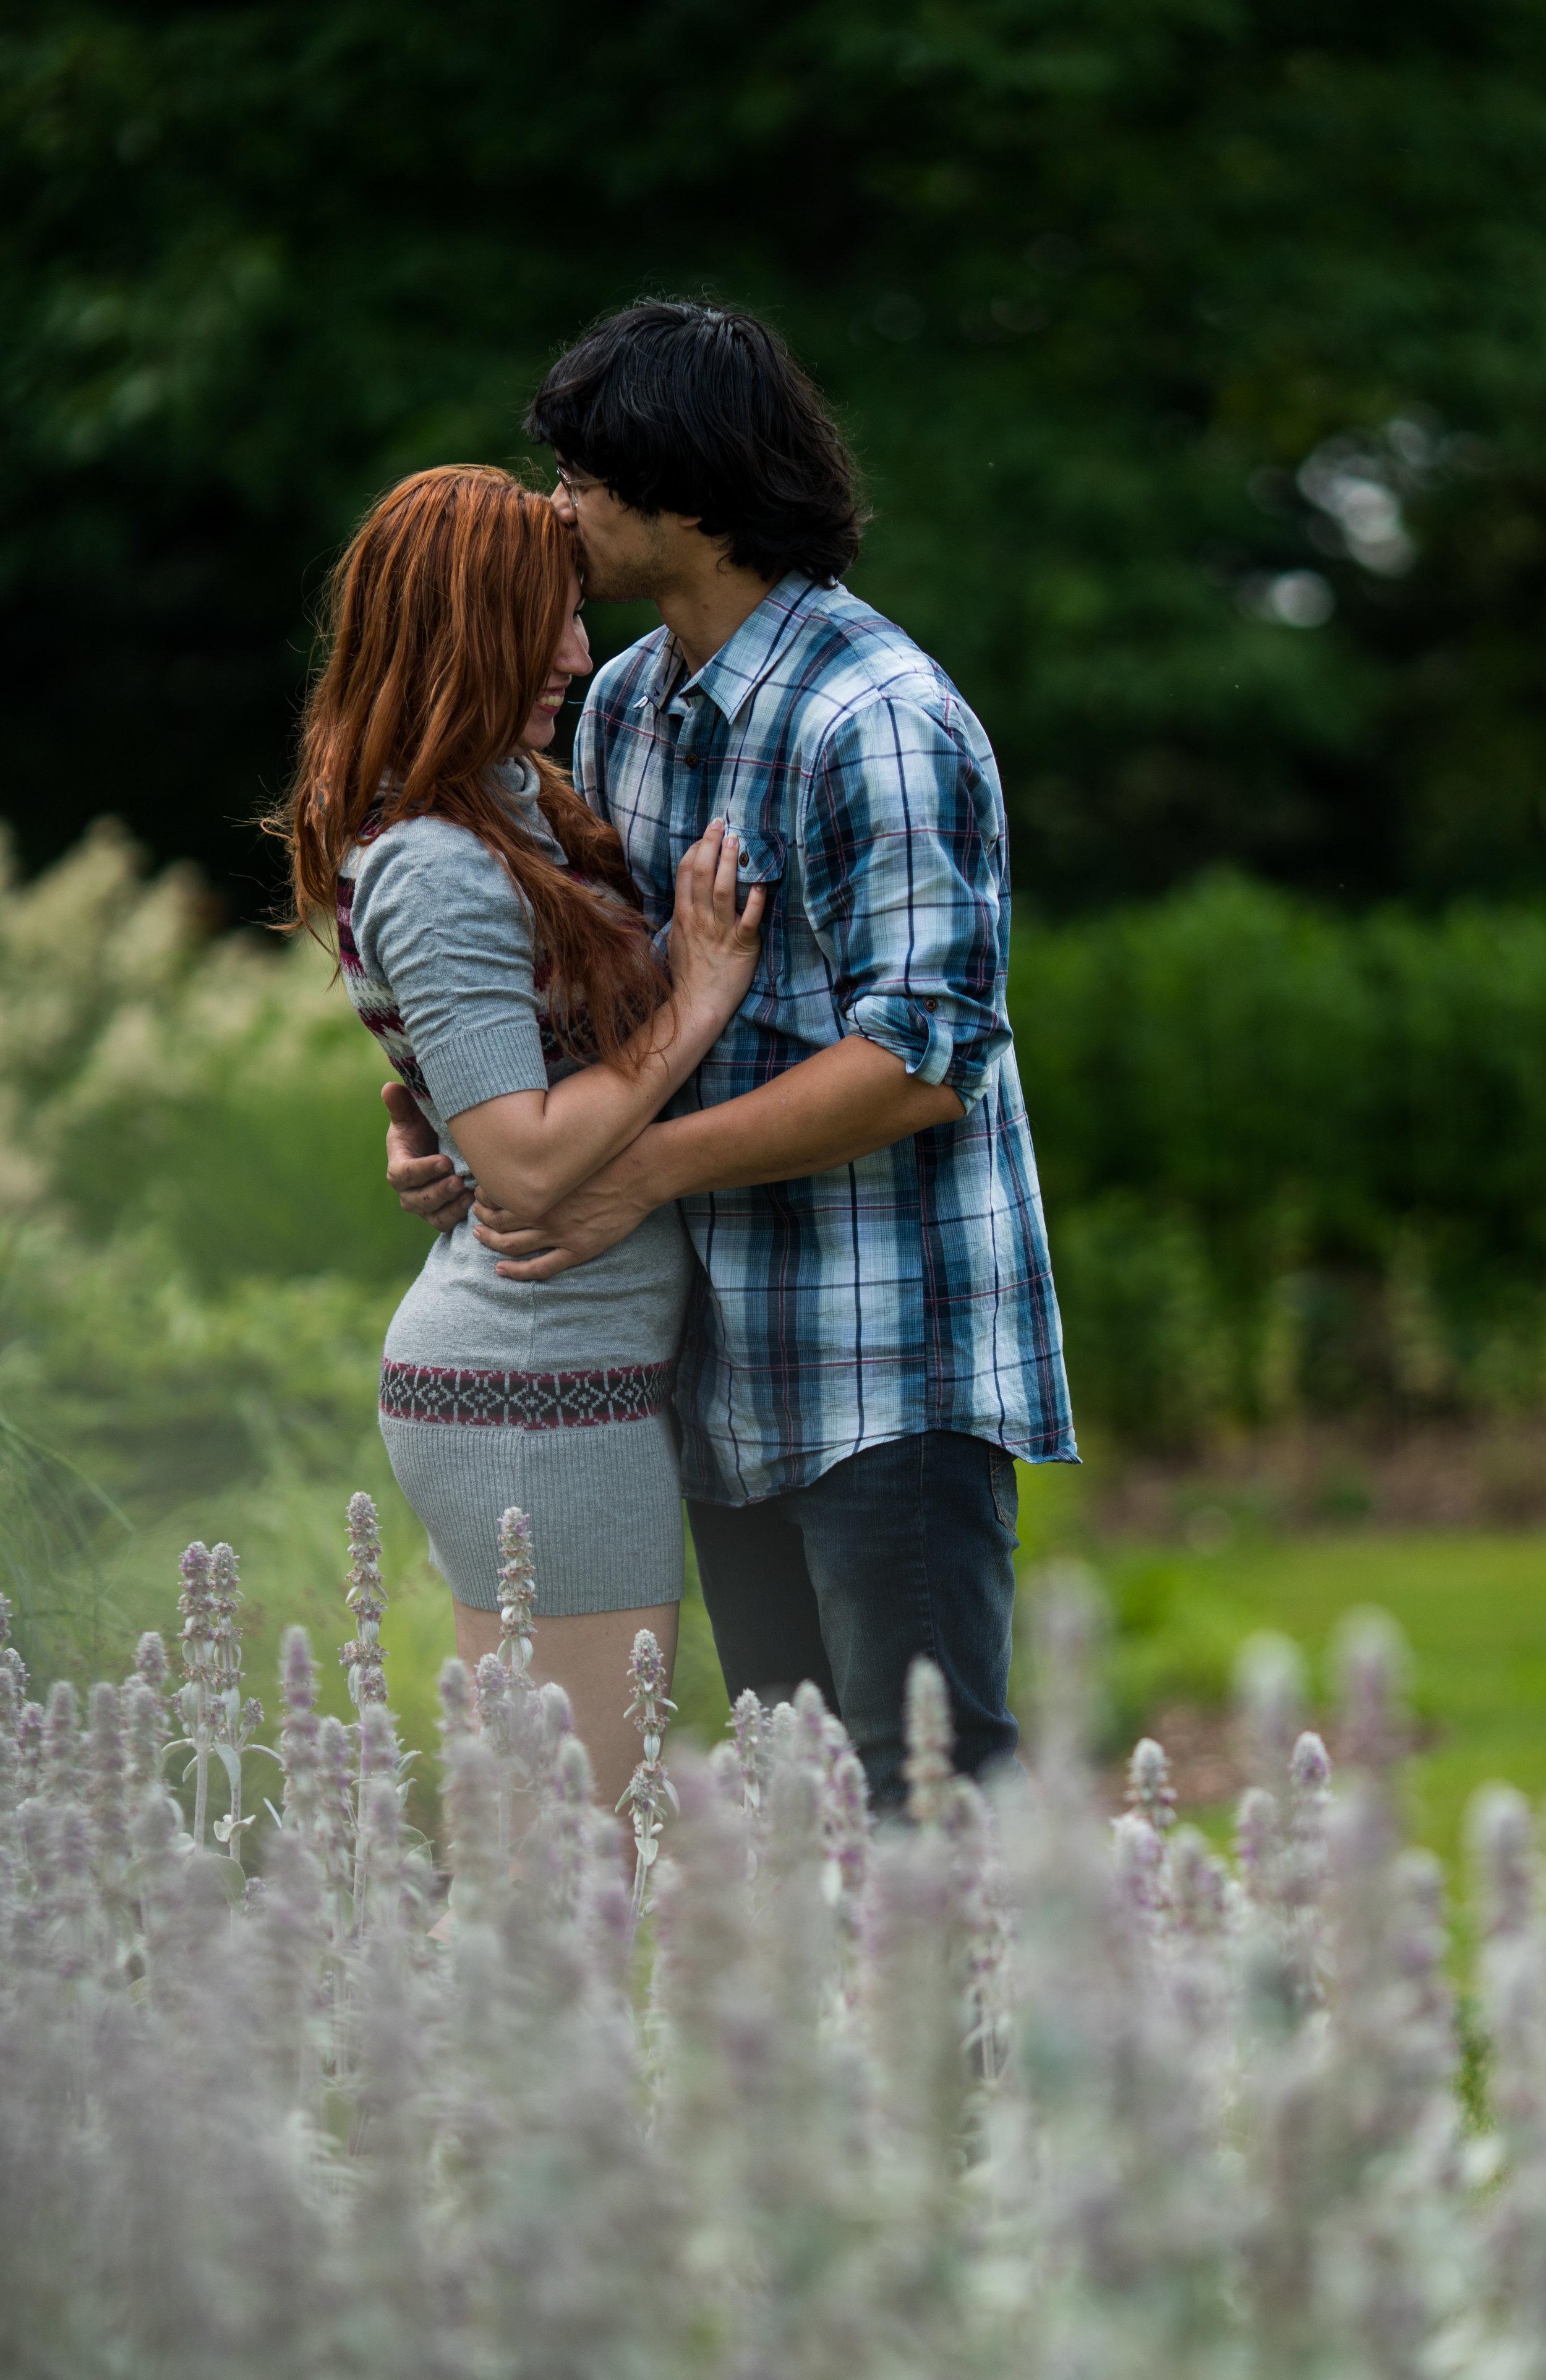 couples portrait | engagement photos | fiance photo | garden photoshoot | michigan engagement | portrait session | michigan state portrait session | kboothmedia